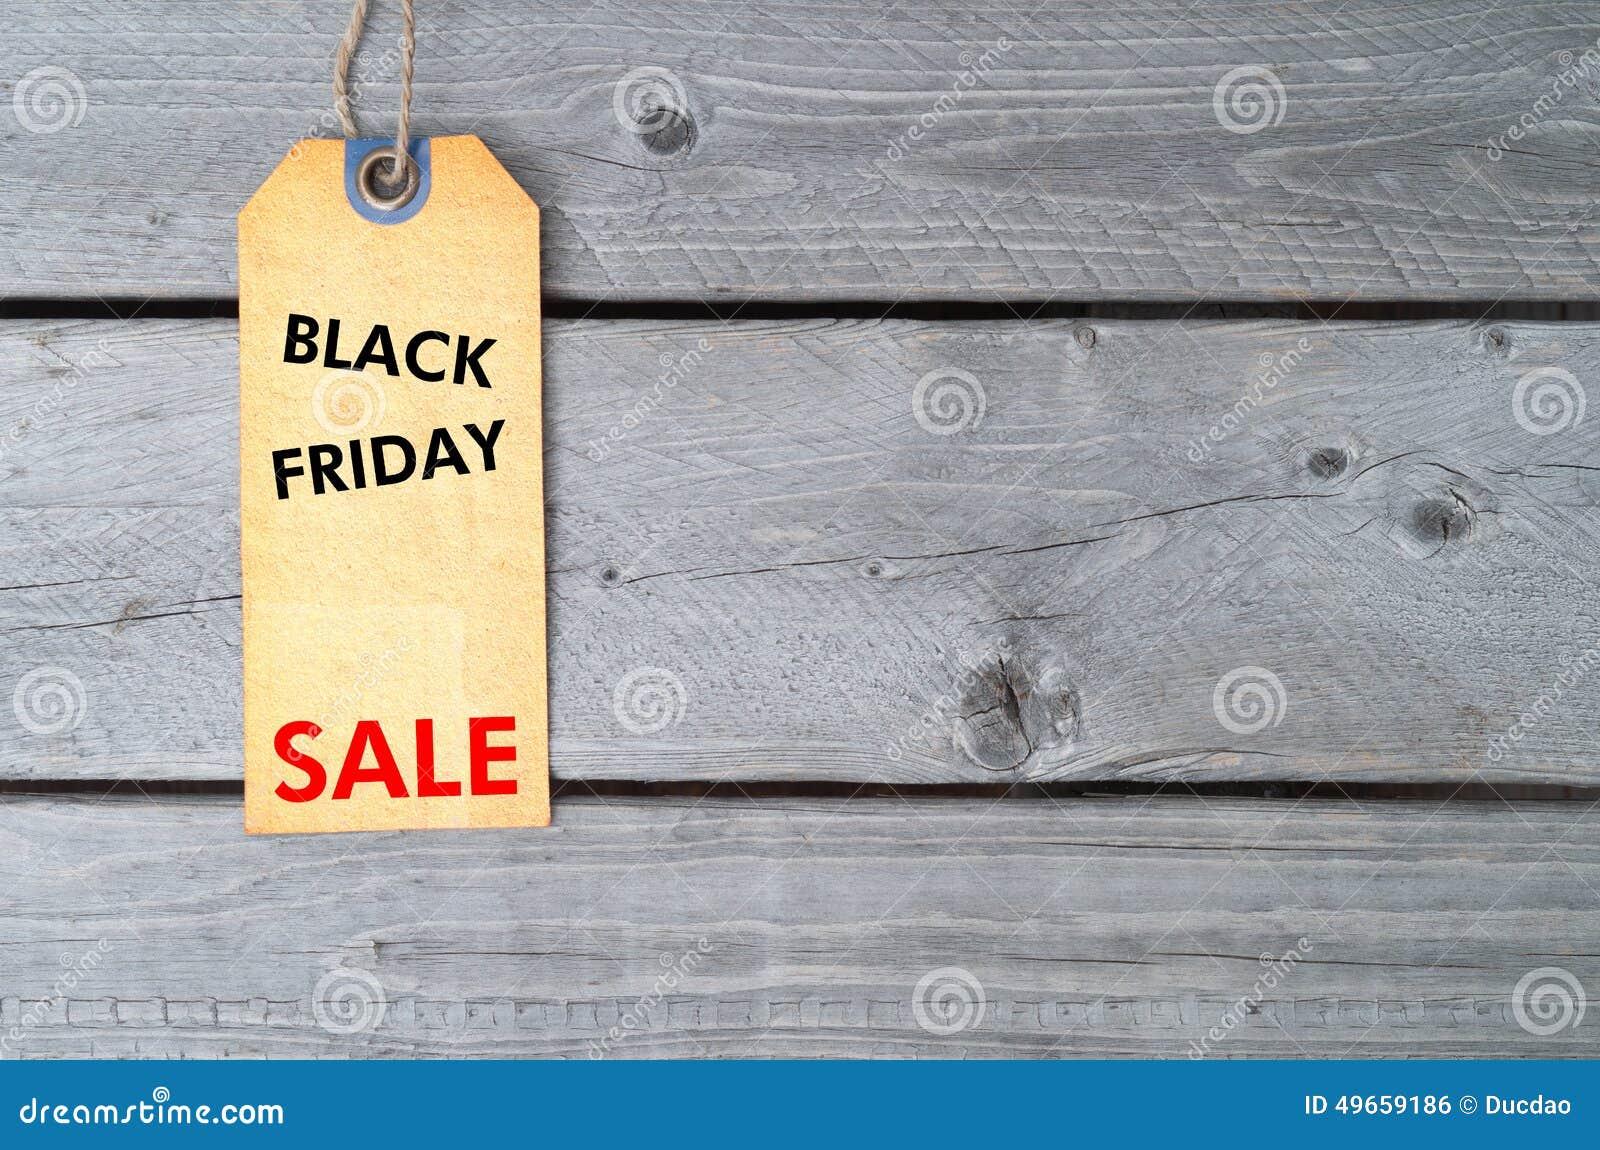 Black Friday-Verkaufstag